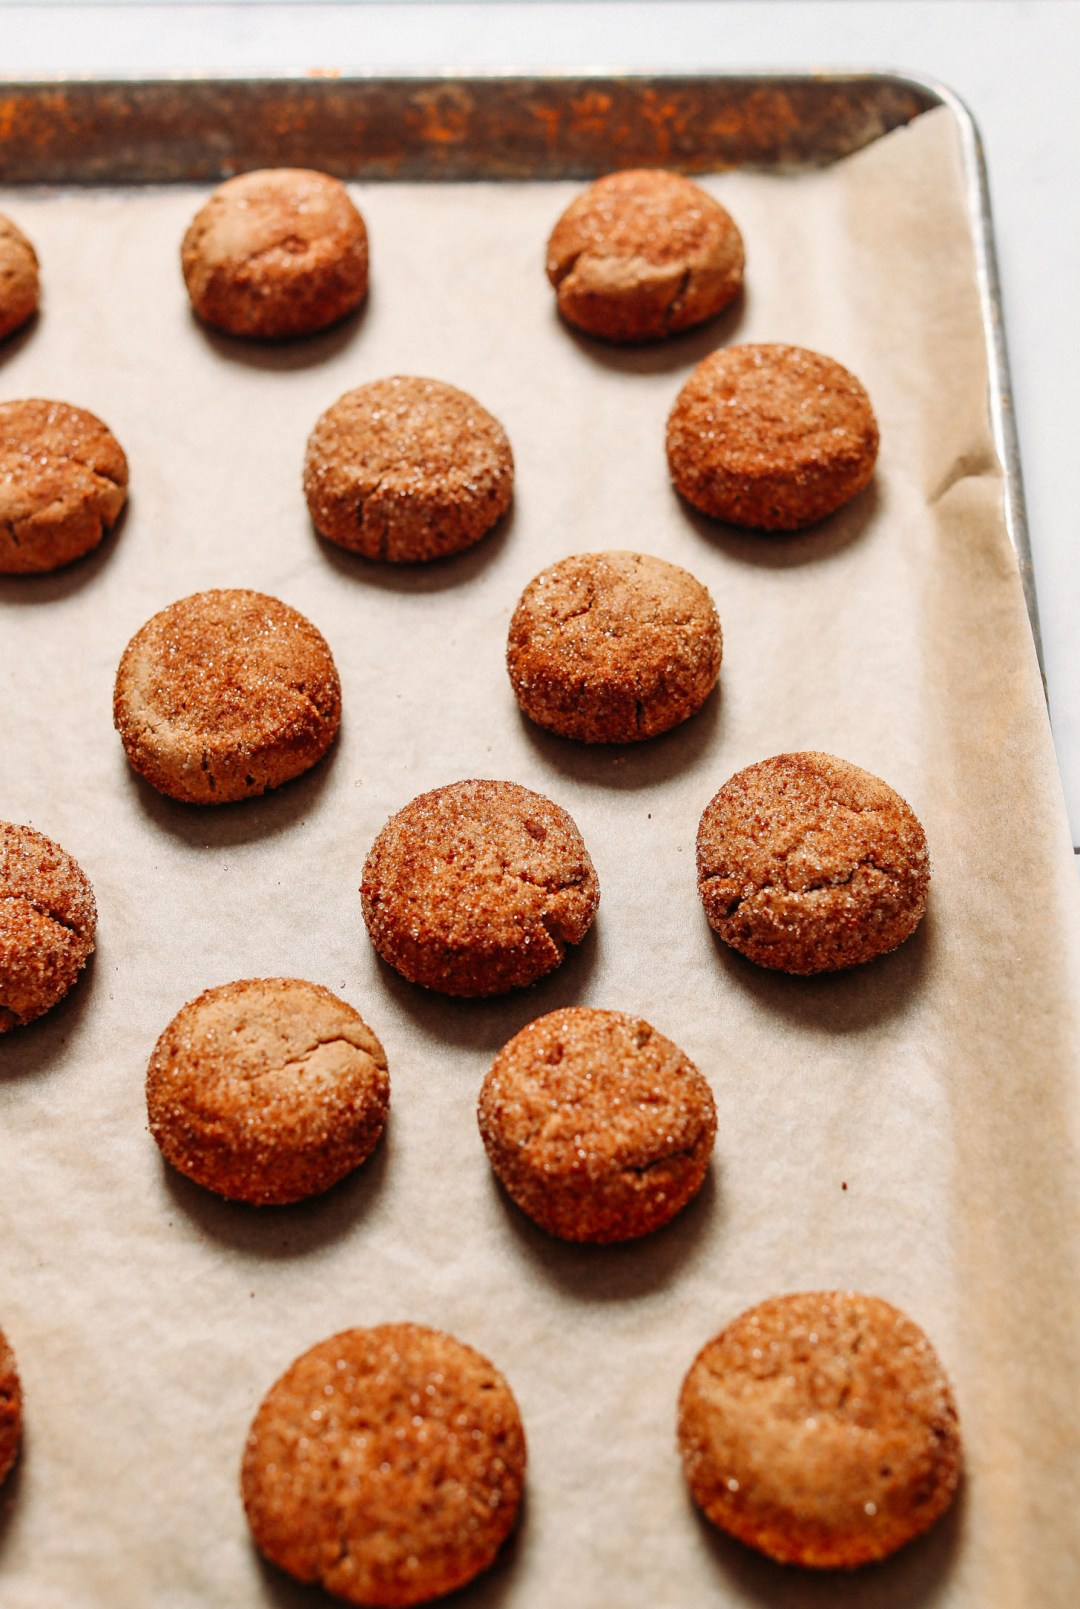 Lote recién horneado de galletas Snickerdoodle saludables en una bandeja para hornear forrada de pergamino